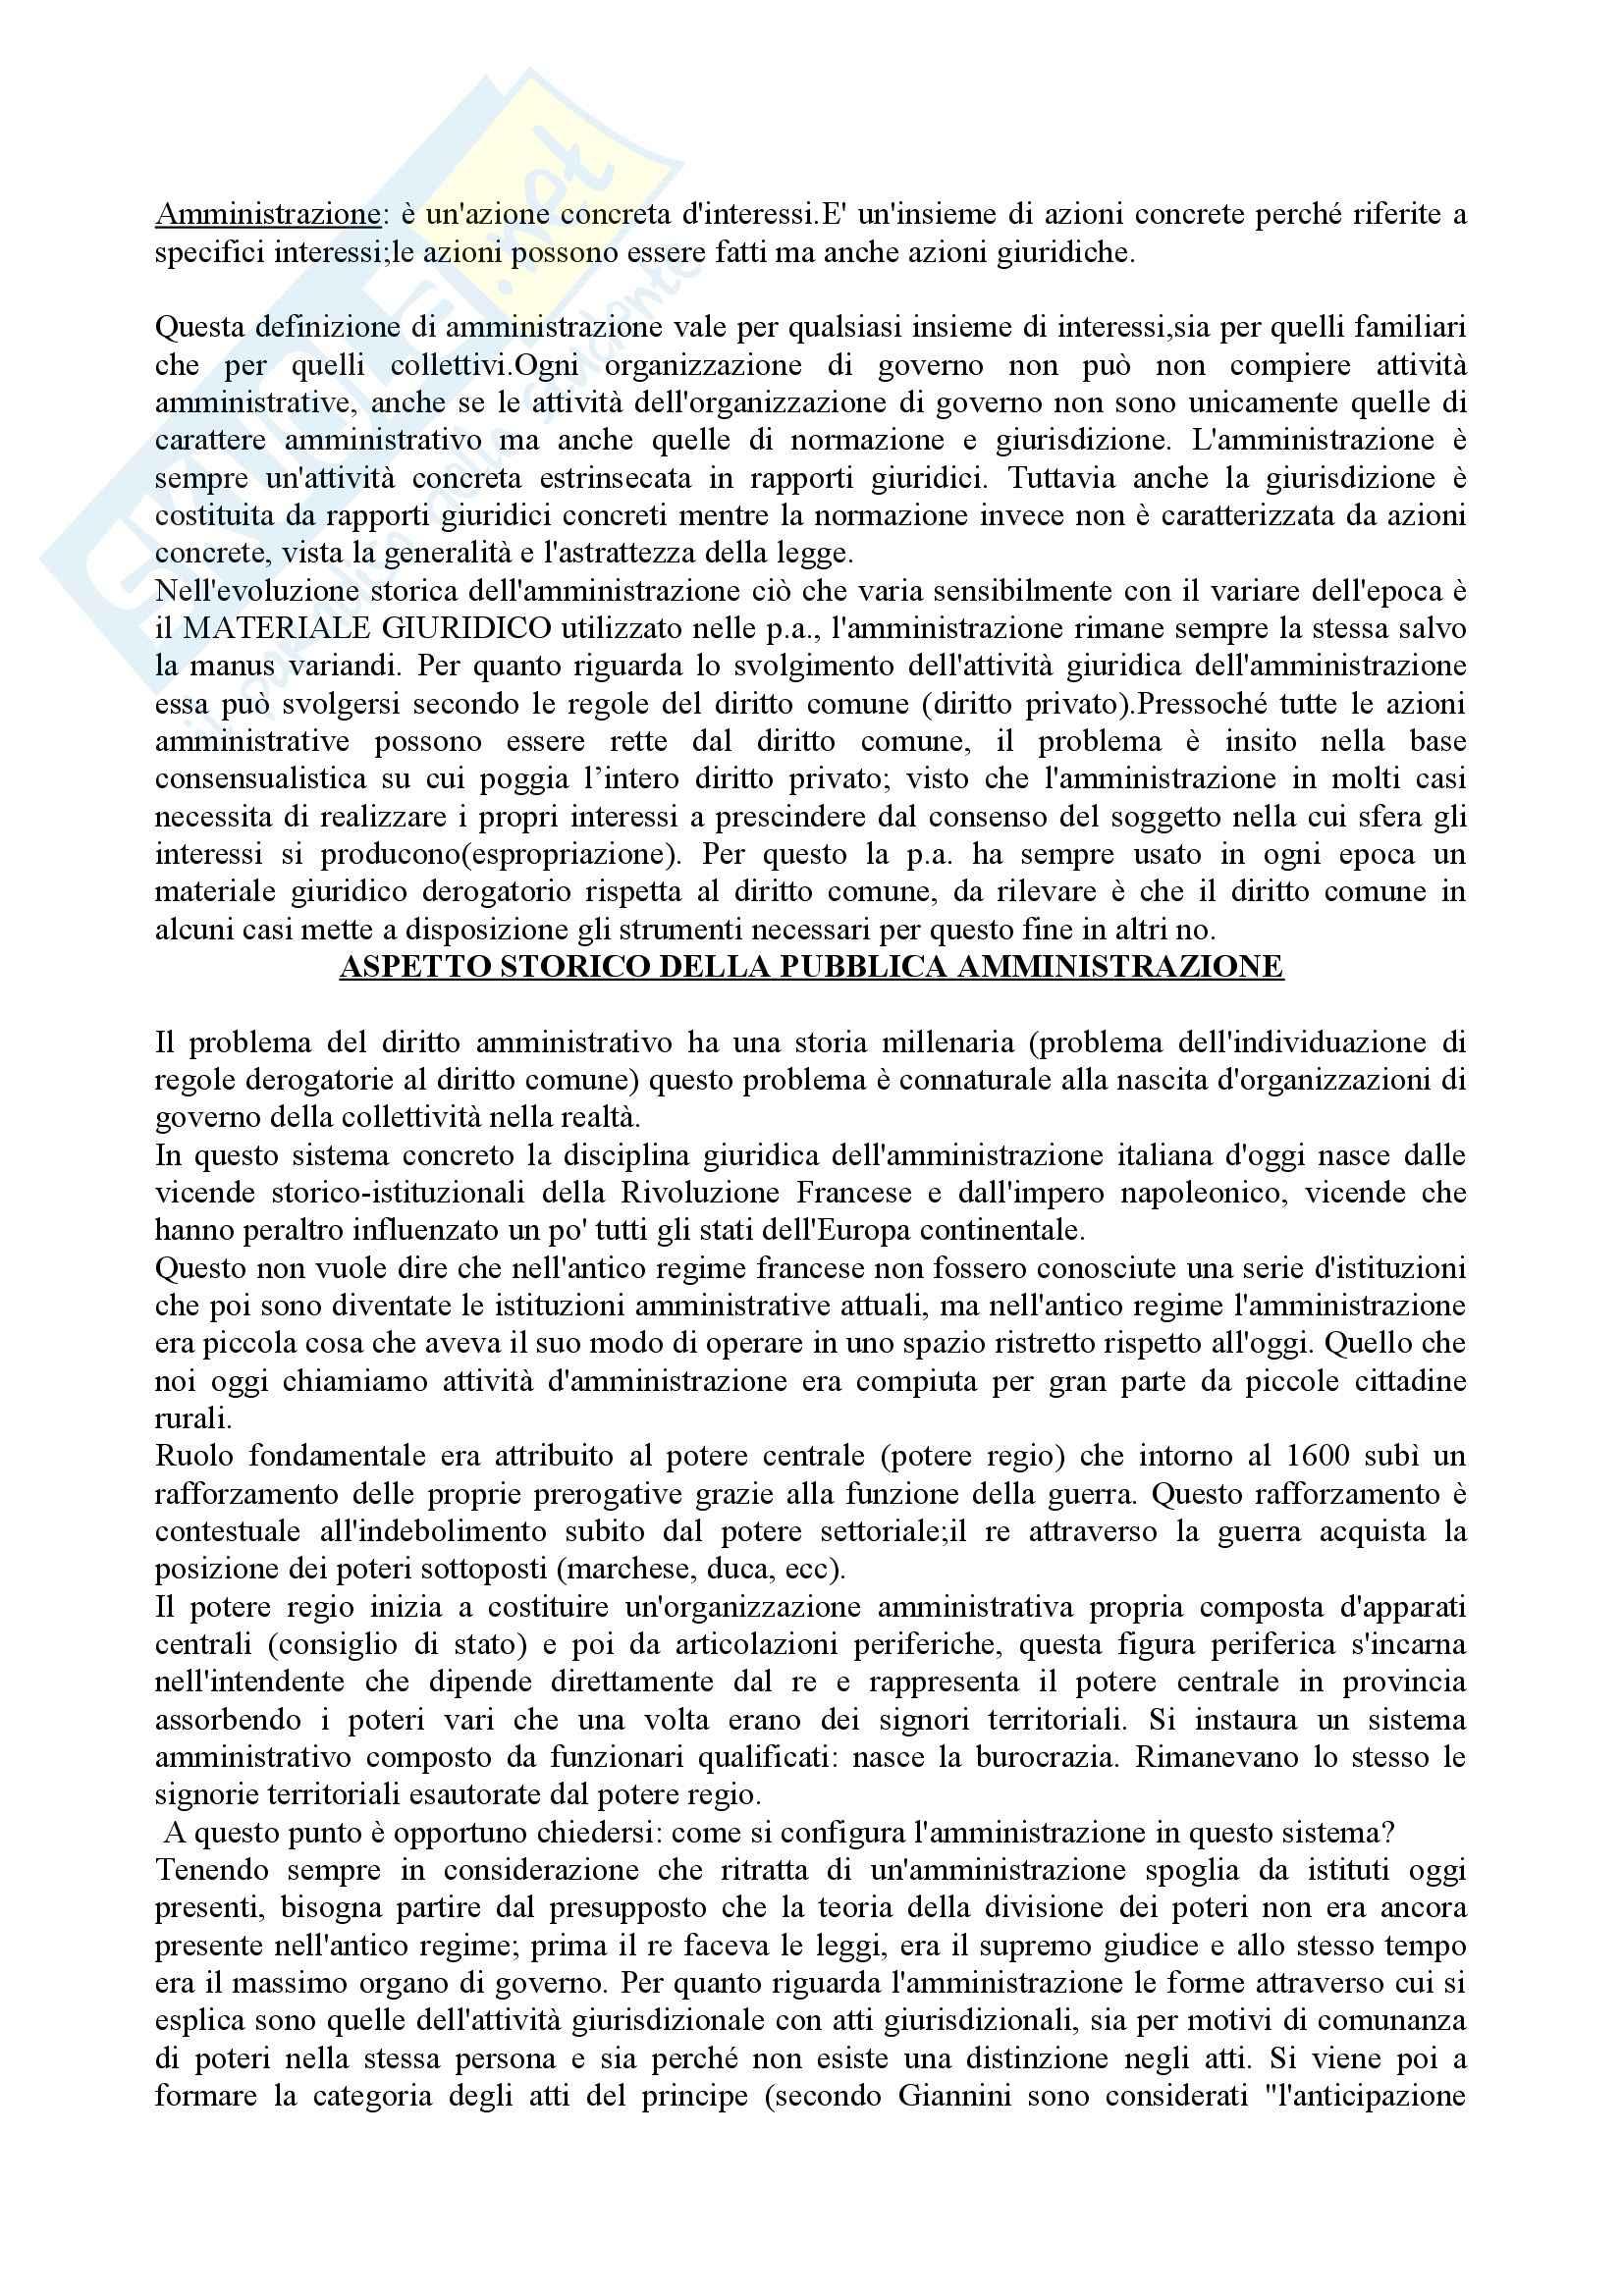 Diritto amministrativo. Nozioni essenziali - Riassunto esame, prof. Cerulli